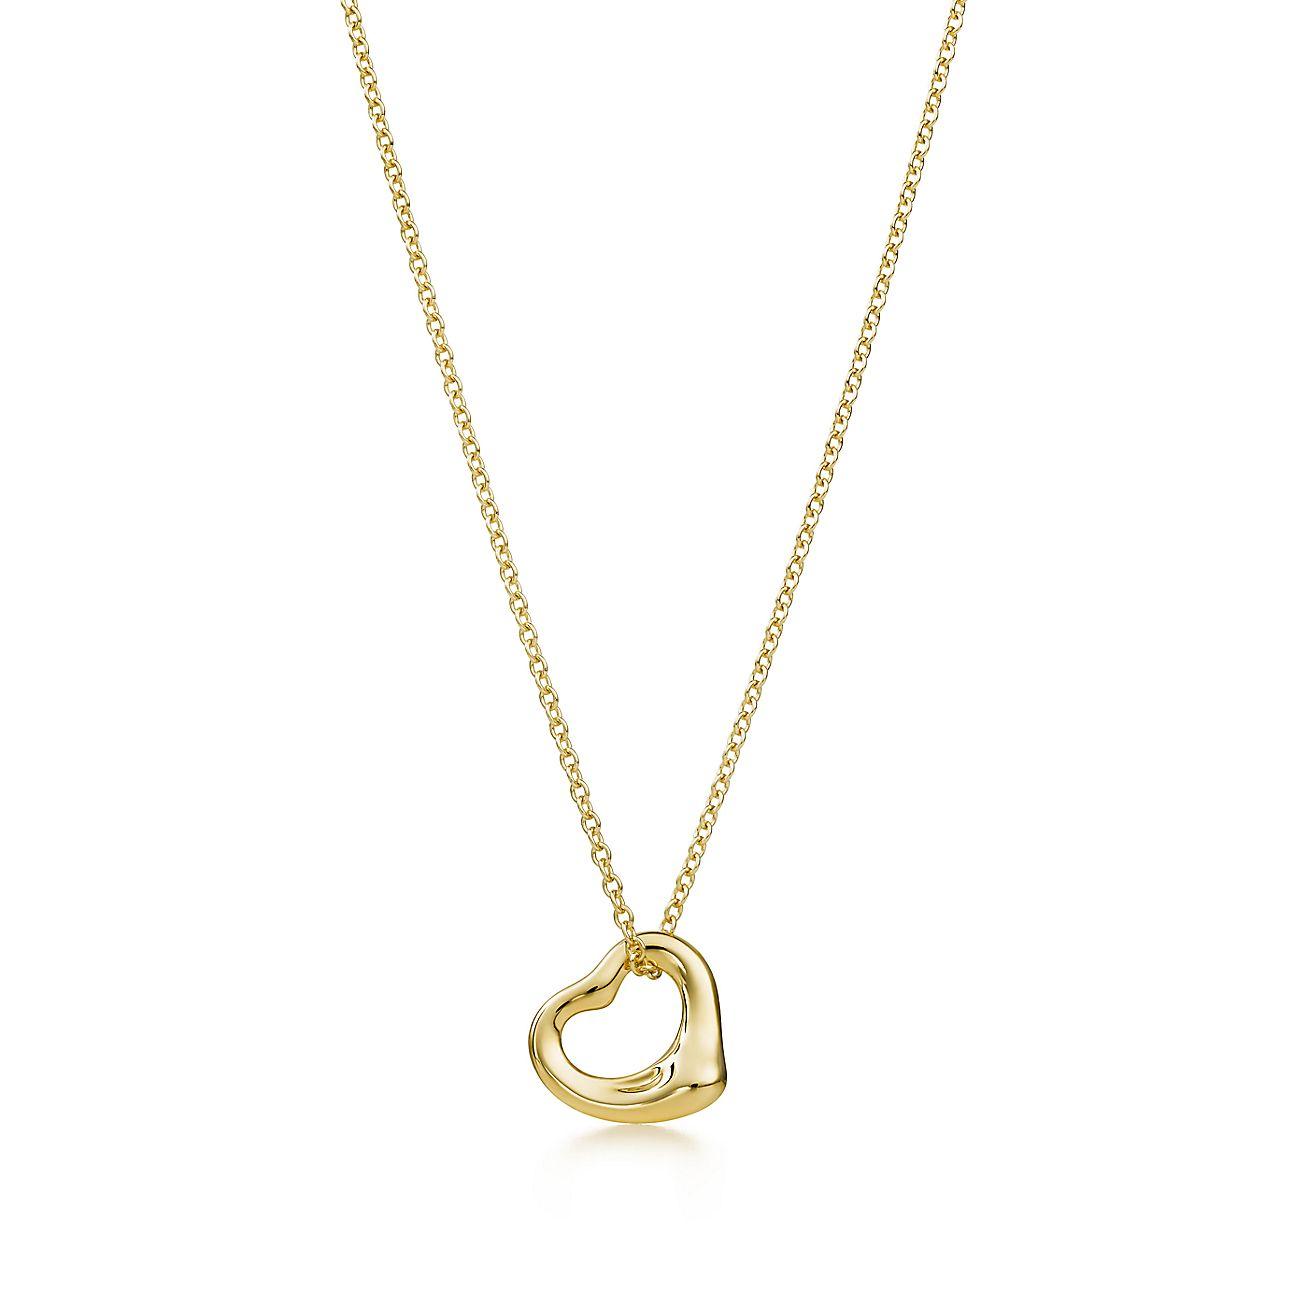 Elsa Peretti® Open Heart pendant in 18k gold.  85def6f00